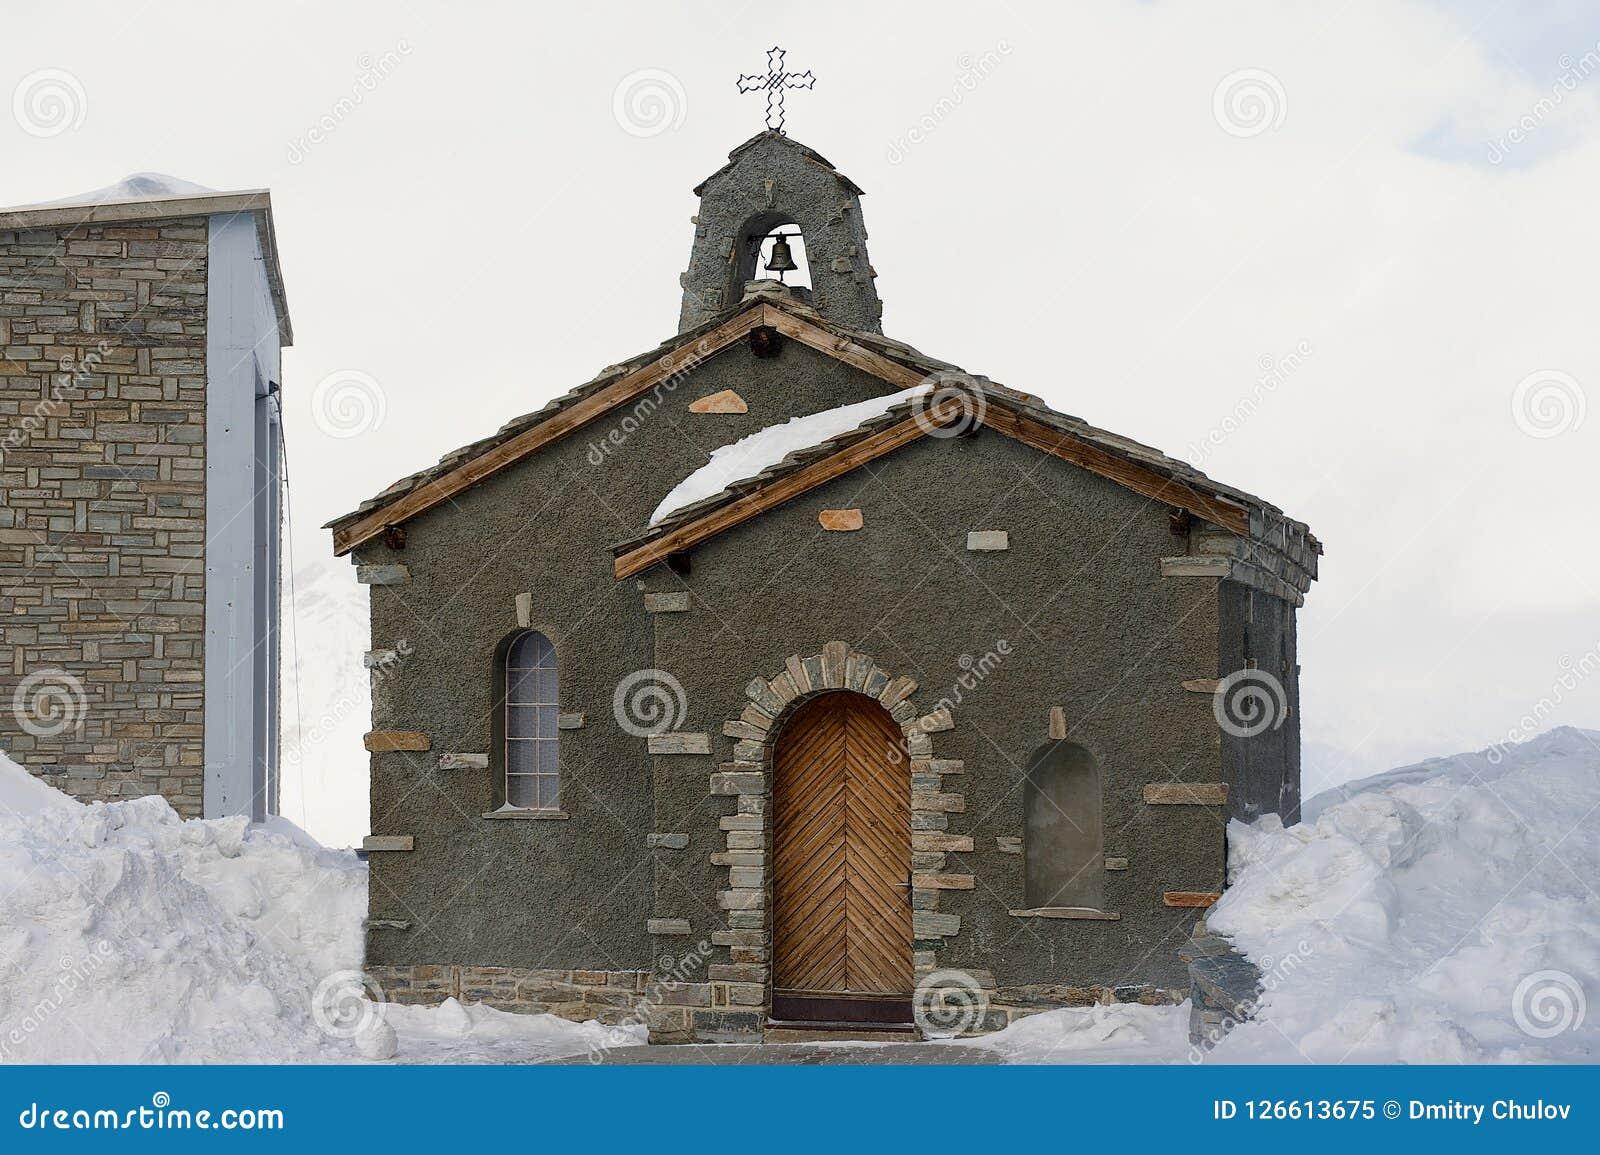 Capela de pedra na estação superior de Gornergratbahn no inverno em Zermatt, Suíça Foto de Stock Royalty Free